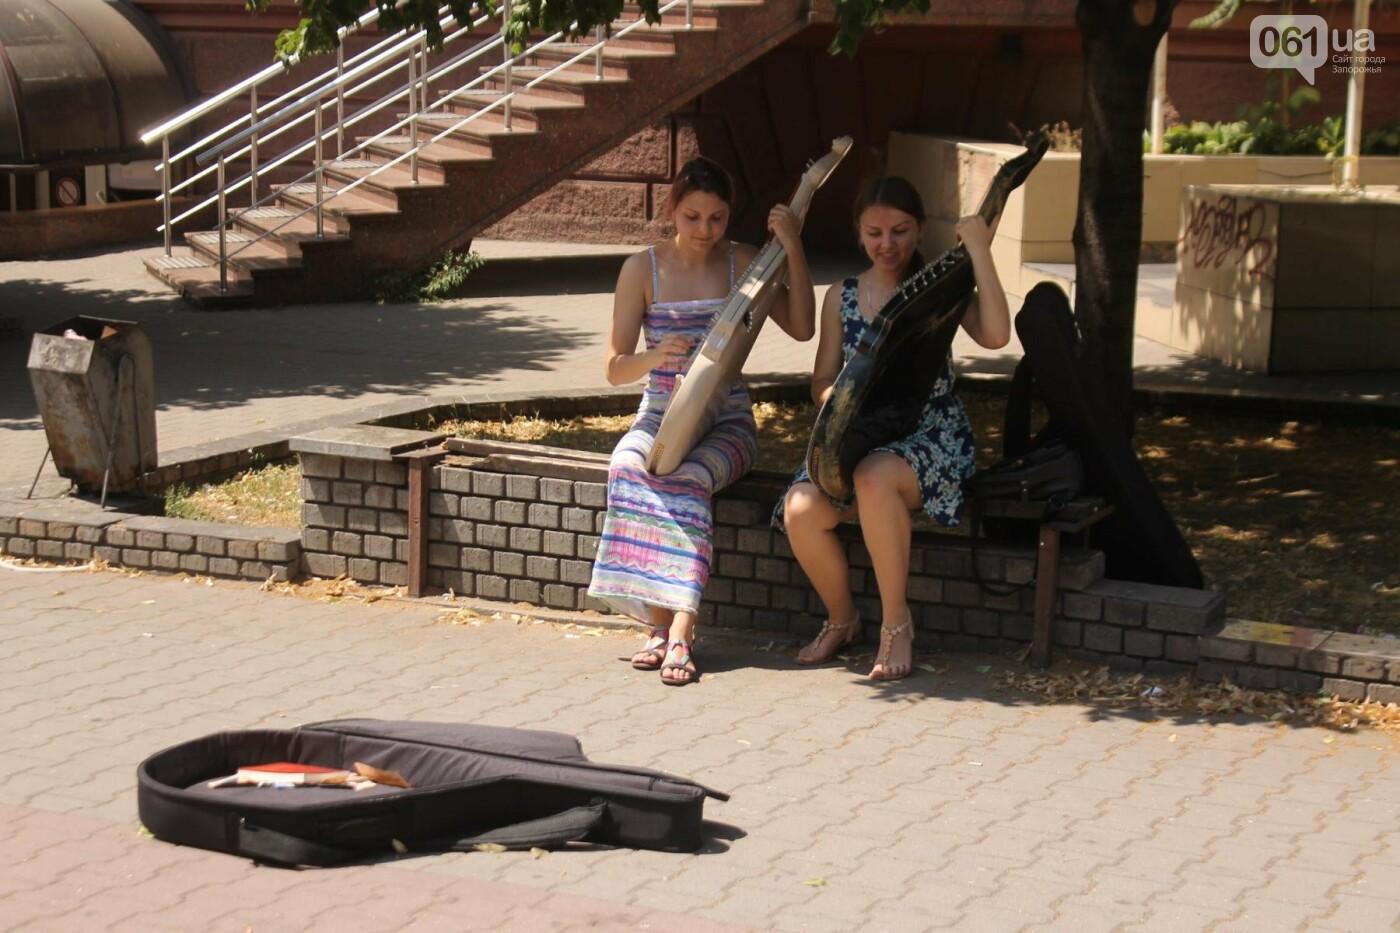 «Океан Эльзы», Злата Огневич и «Один в каноэ»: запорожские студентки-бандуристки устроили уличный концерт, – ФОТО, ВИДЕО, фото-4